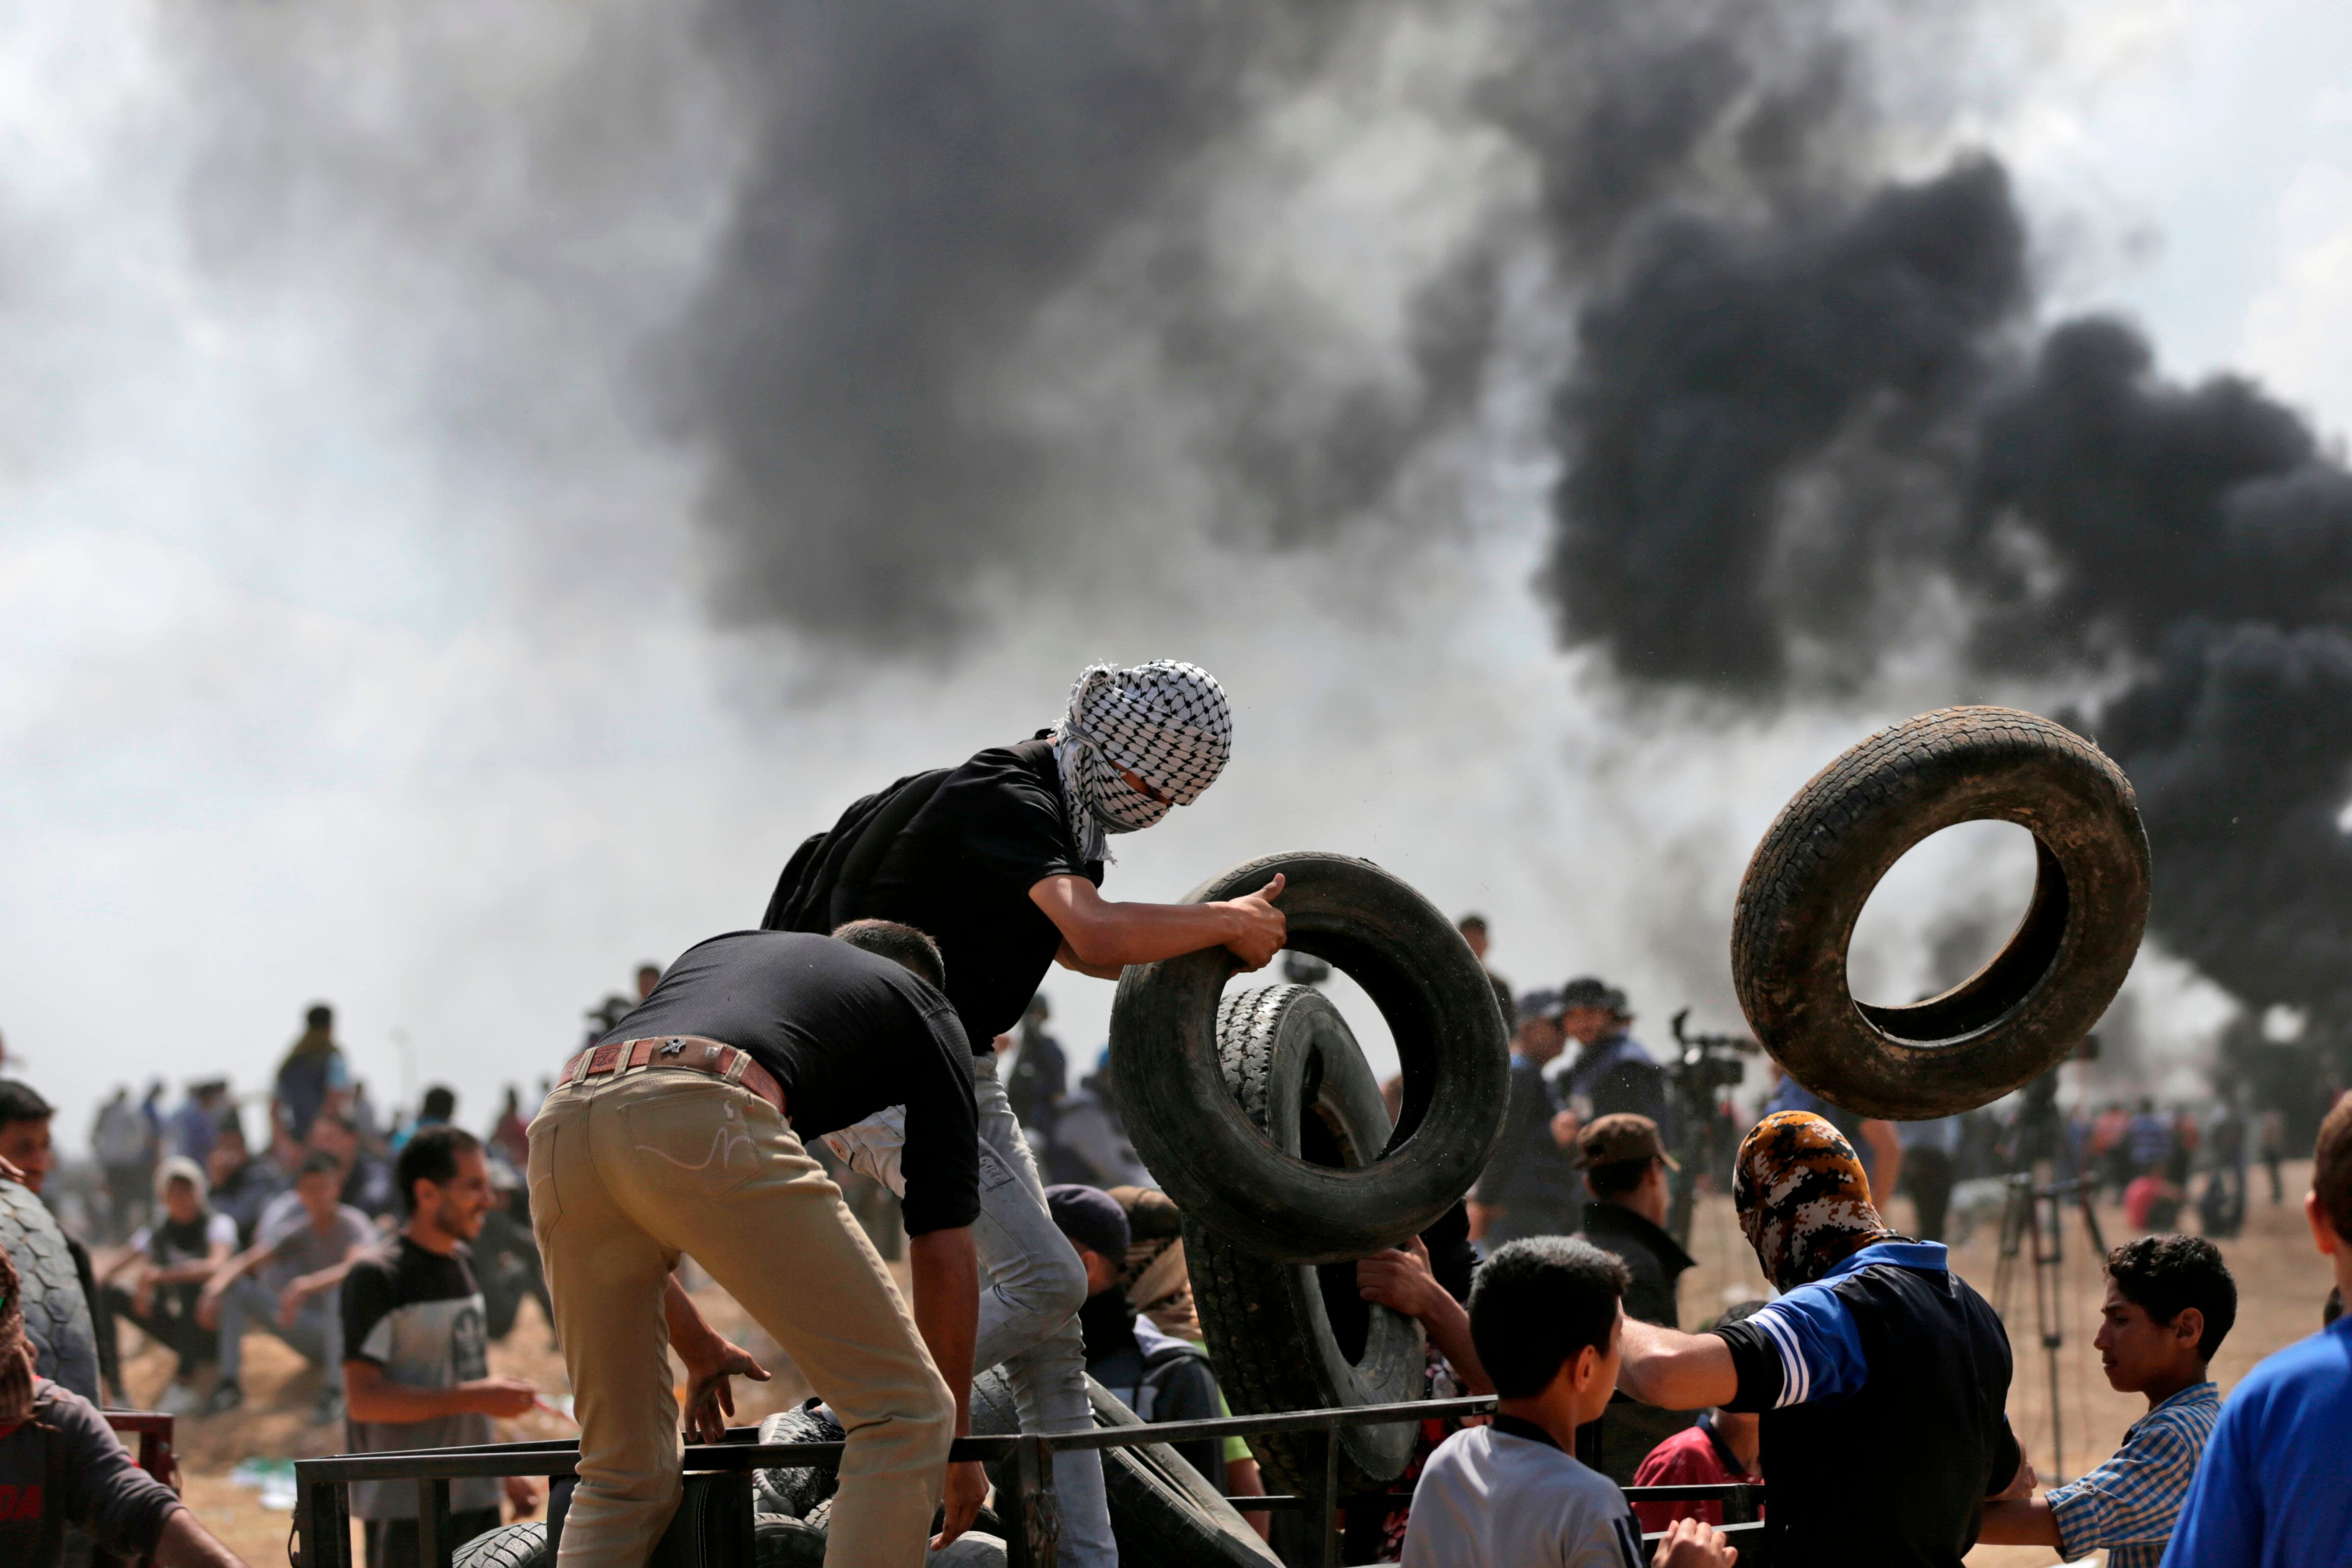 3. Palestinos cargando neumáticos para incendiarlos en la frontera entre Gaza e Israel.